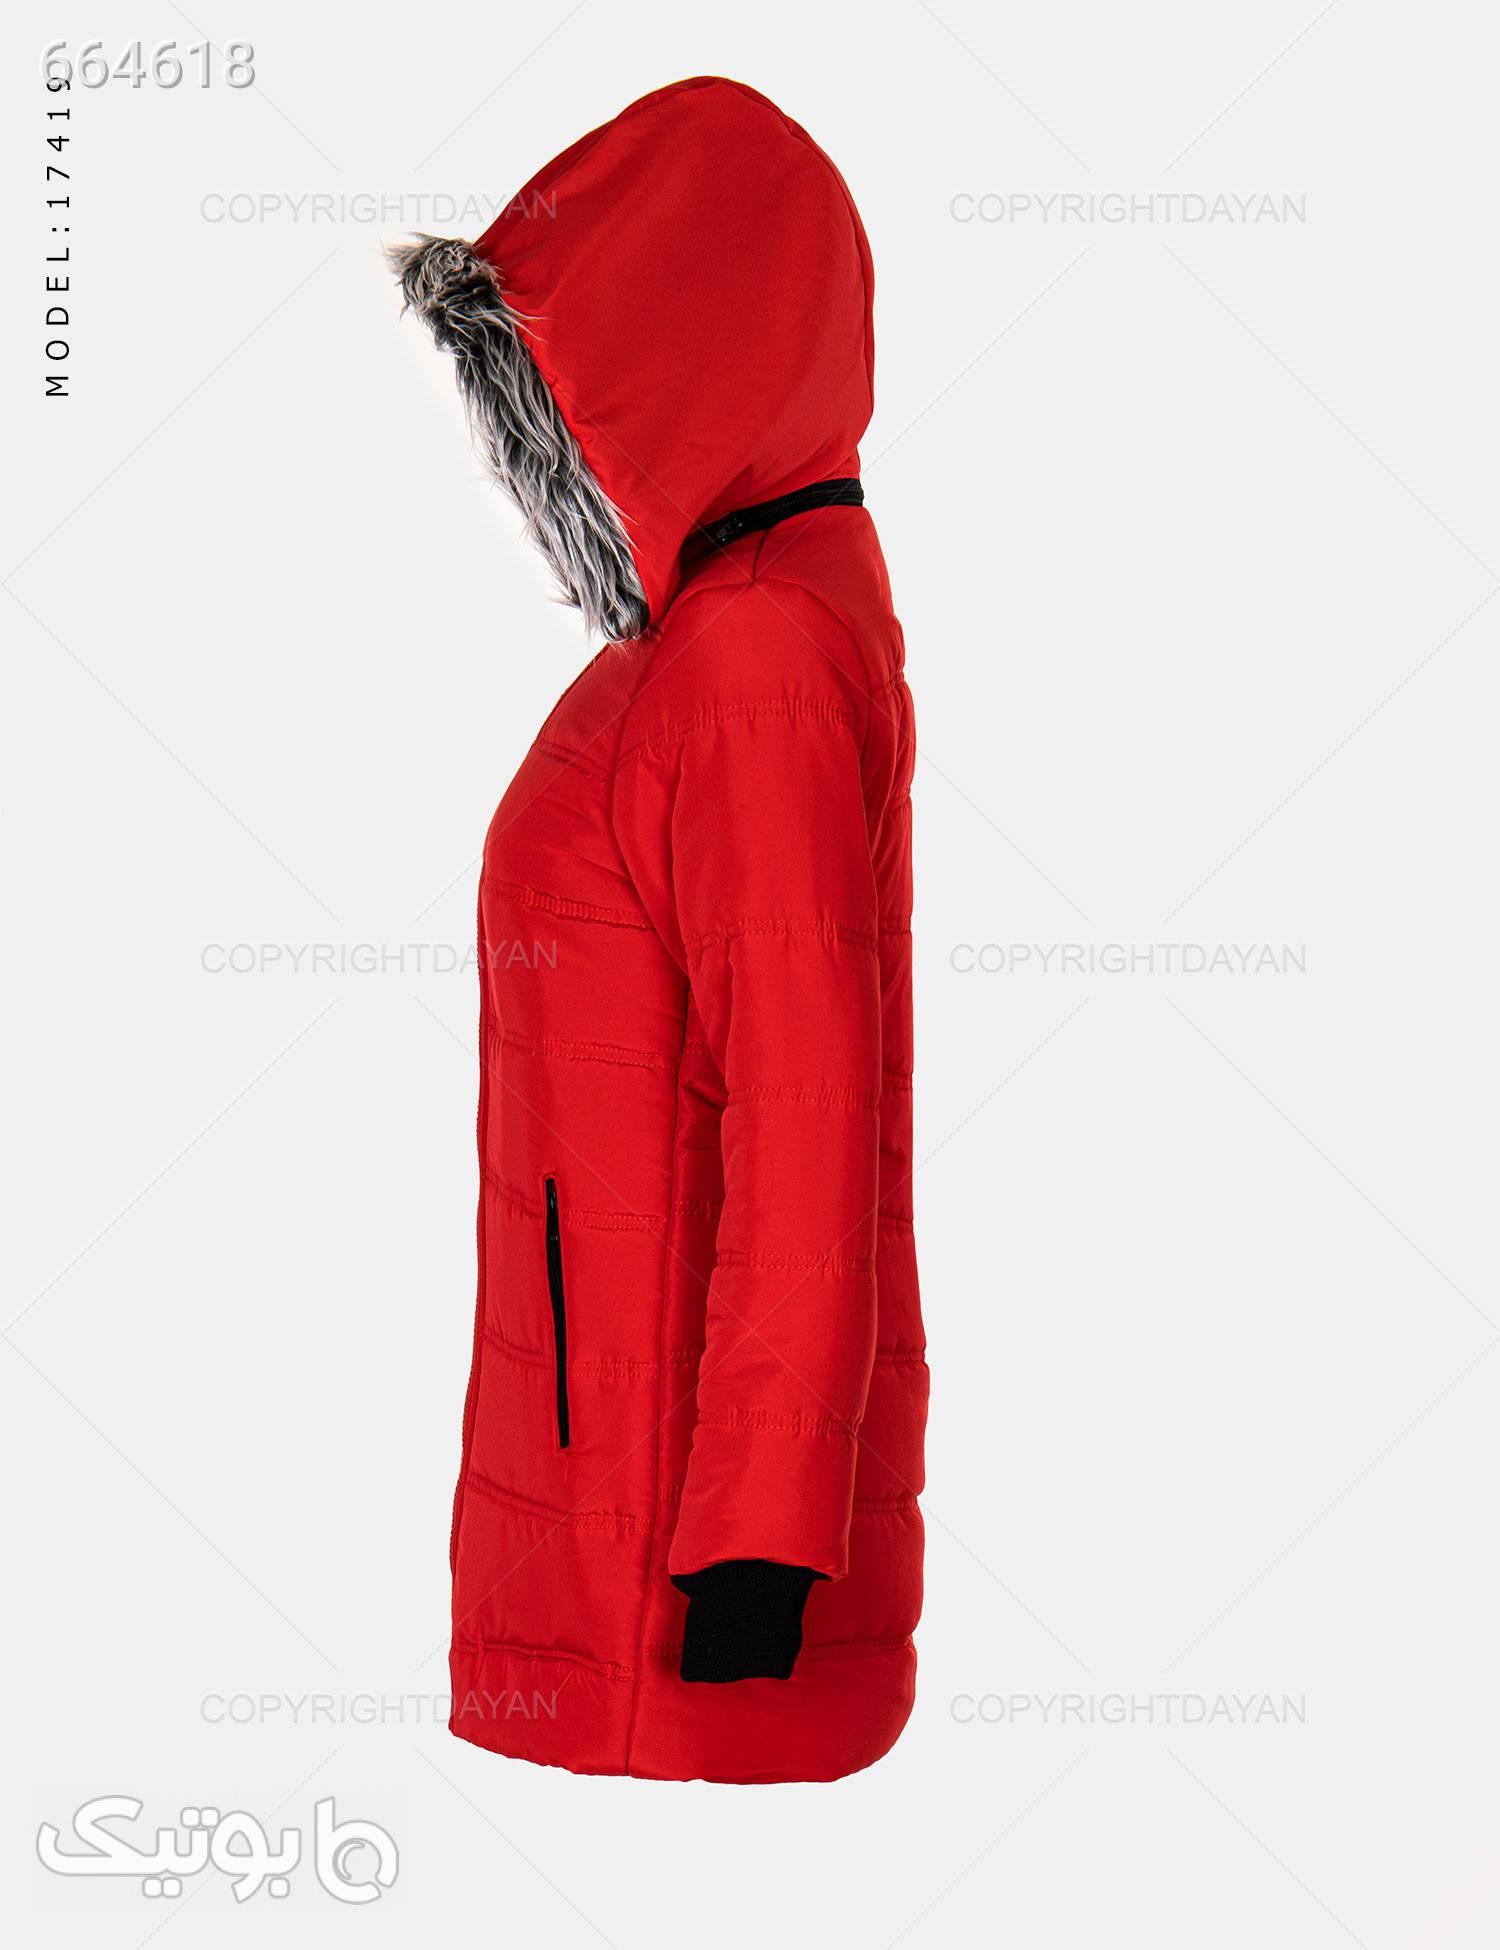 کاپشن زنانه Marta مدل 17419 قرمز کاپشن و بارانی زنانه